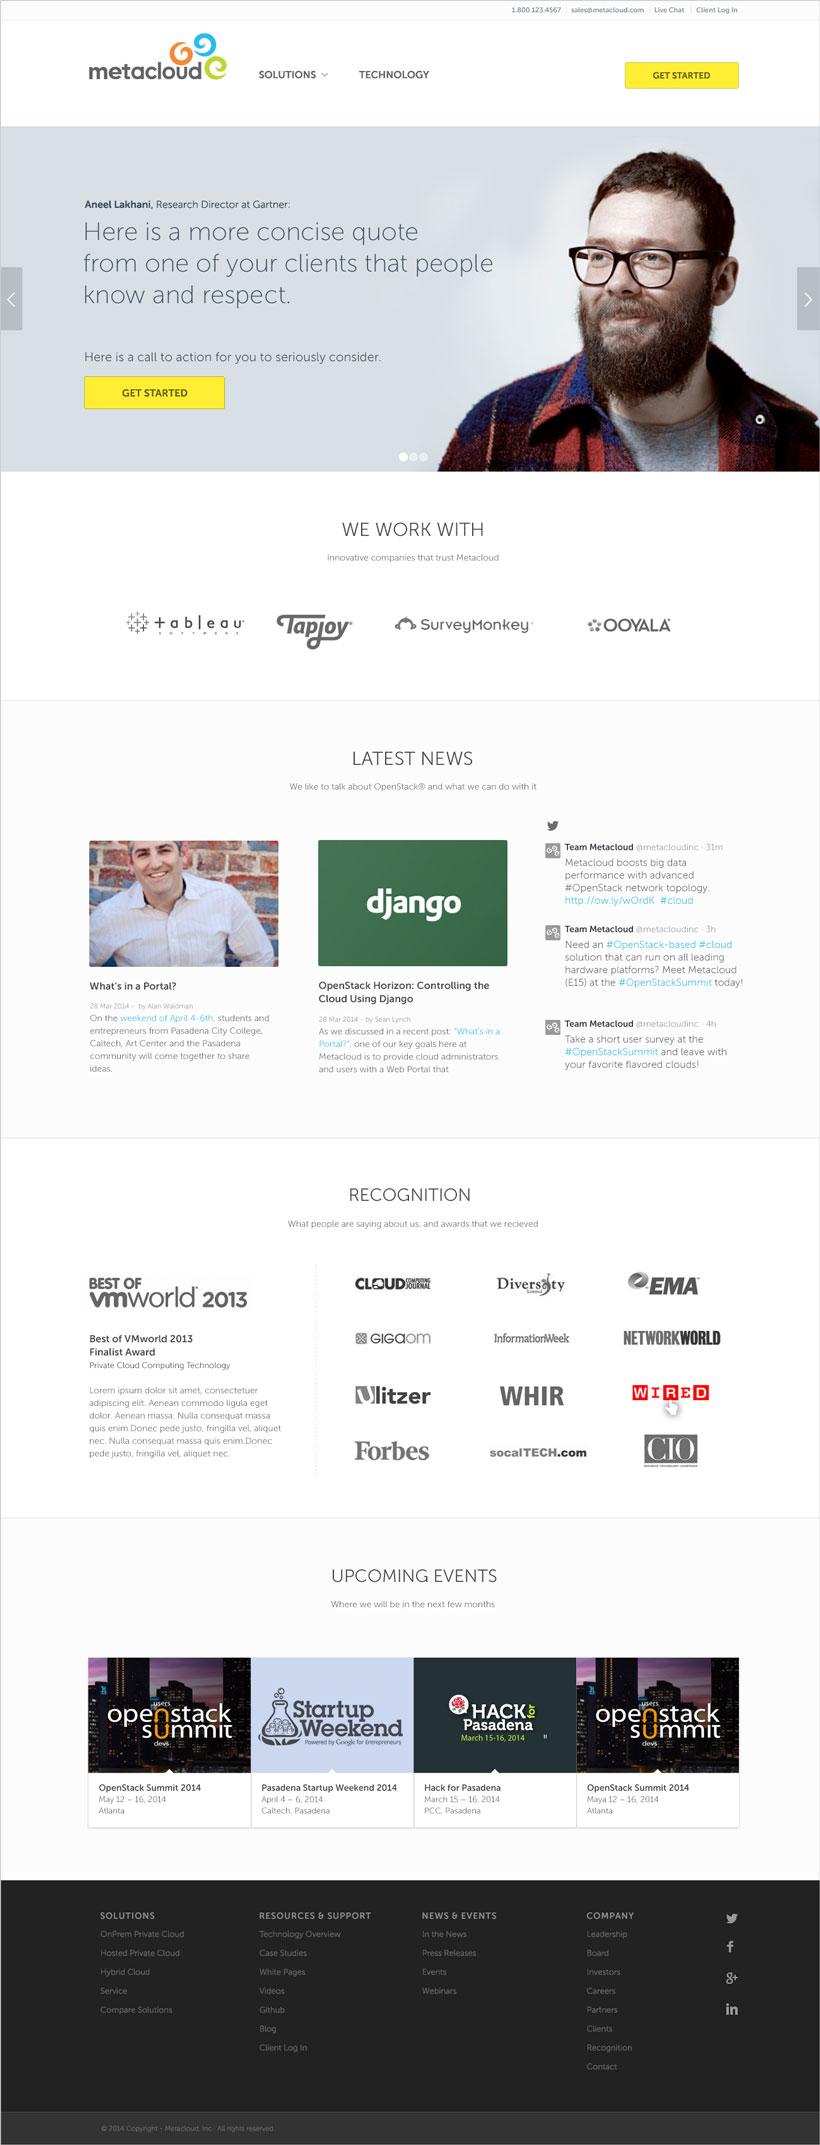 metacloud-website